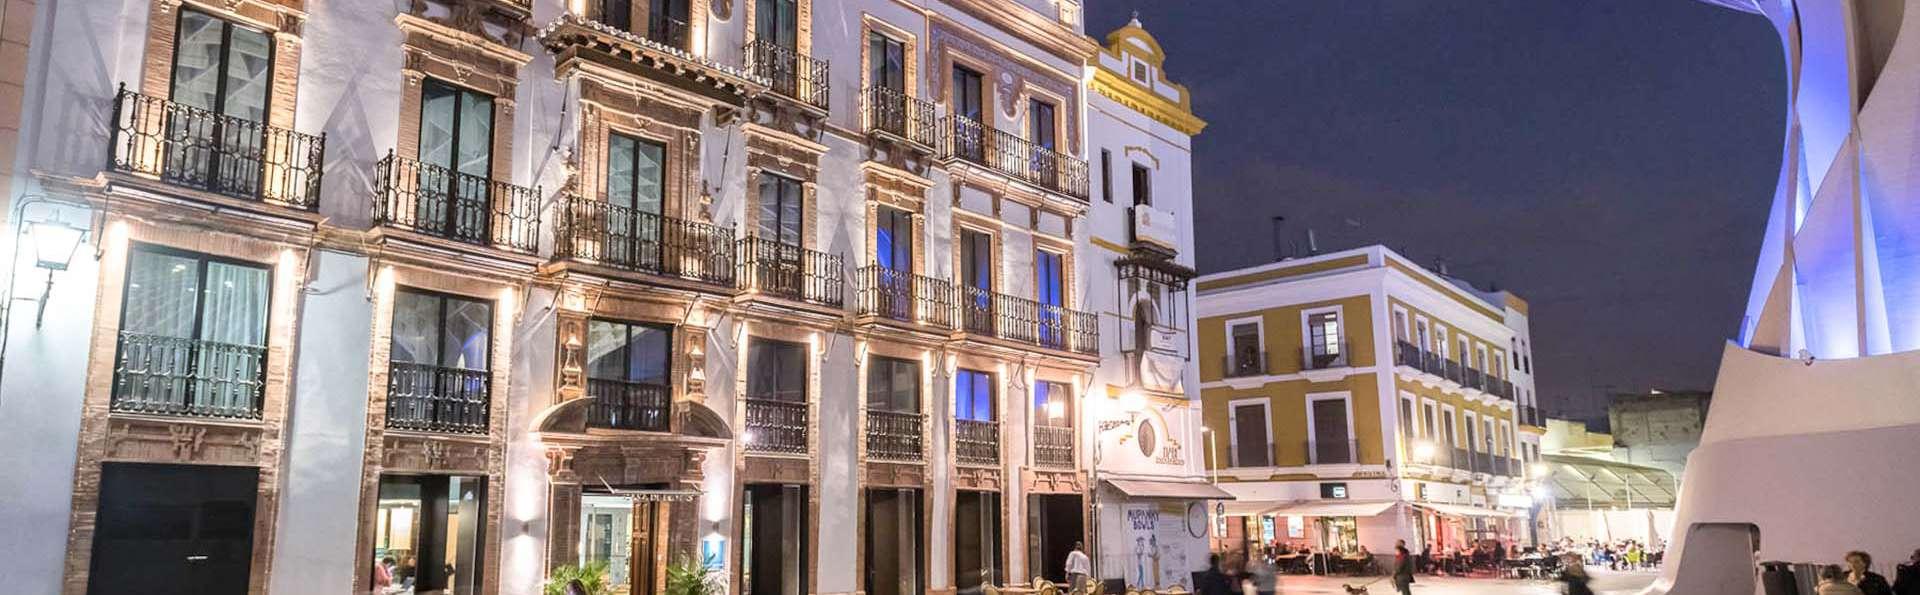 Hotel Casa de Indias By Intur - EDIT_EXTERIOR_01.jpg